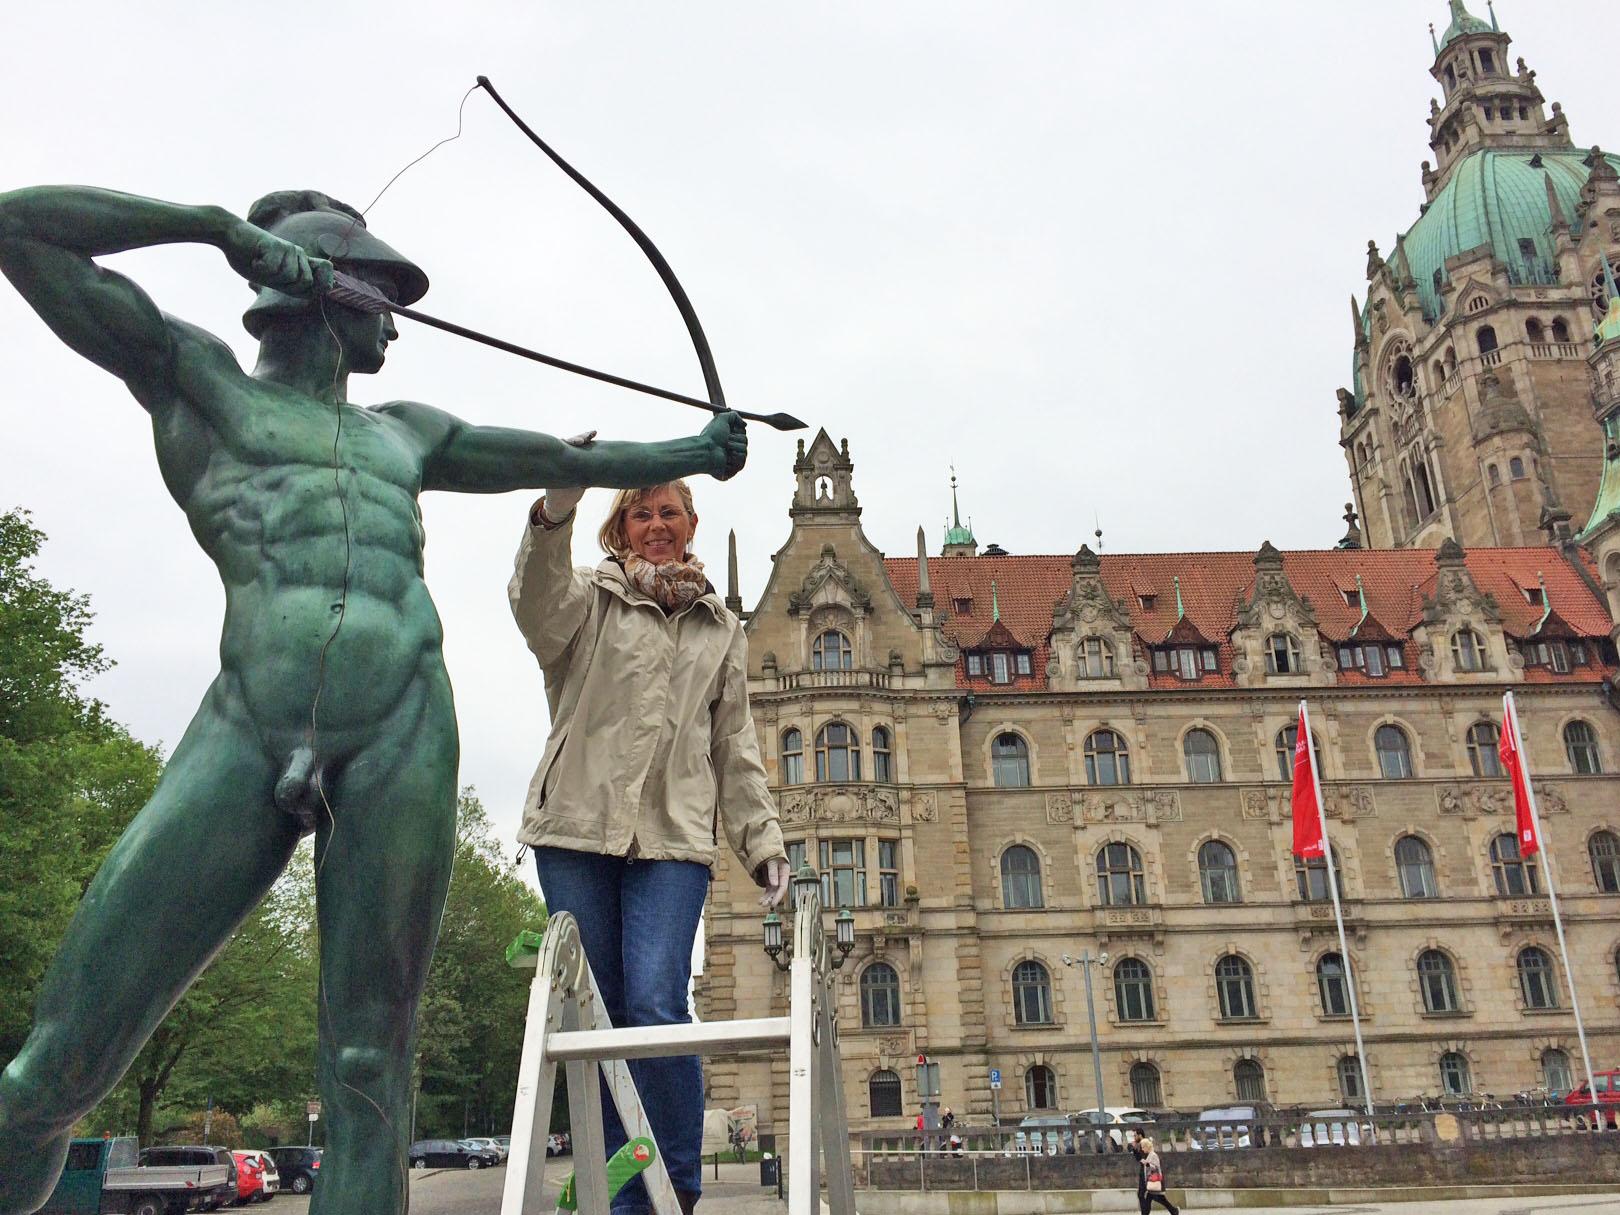 Frau auf einer Leiter, die eine Skulptur berührt.